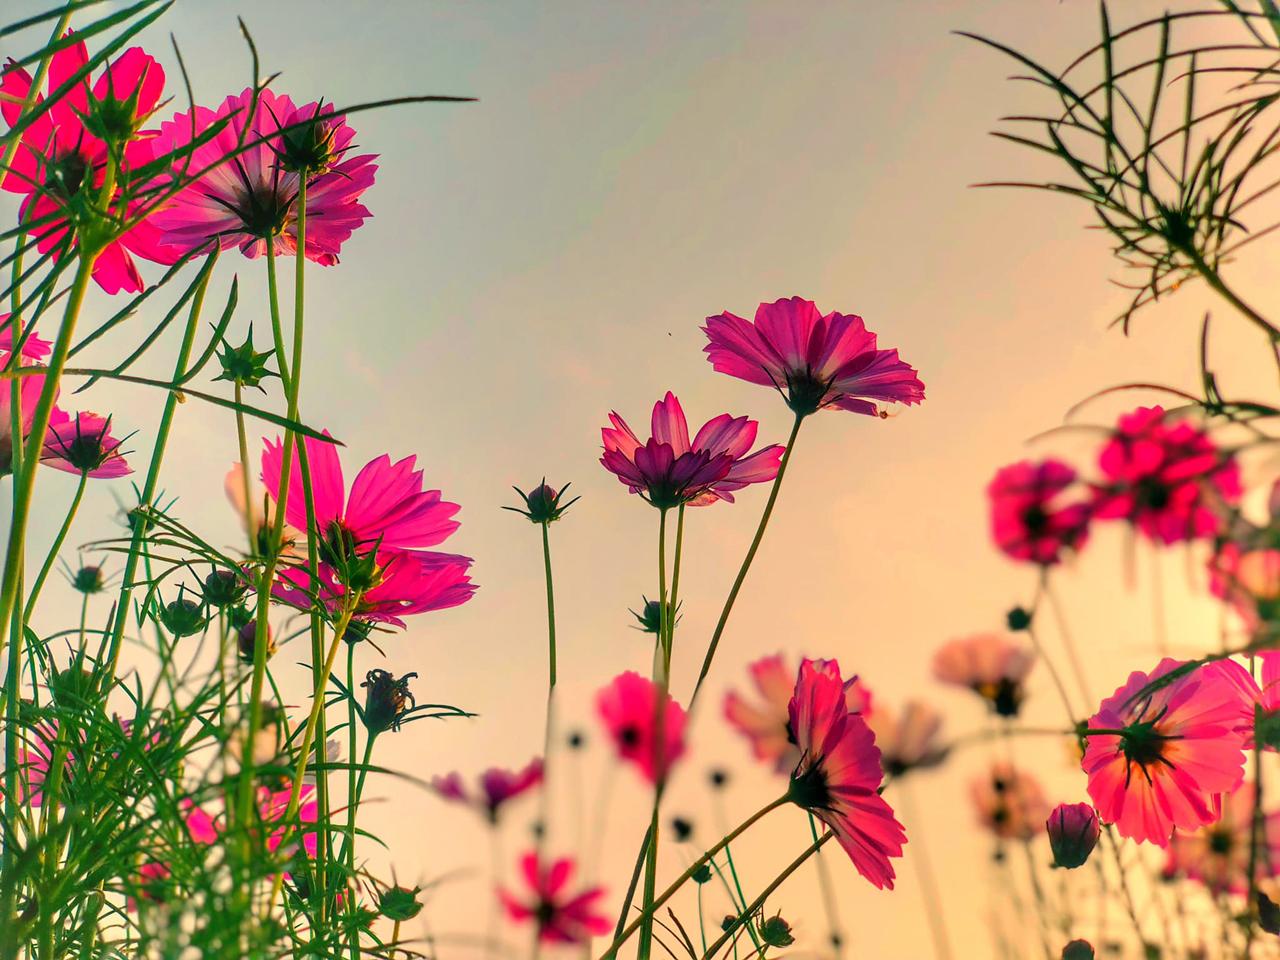 Cận cảnh những đóa hoa tam giác mạch ở vườn hoa Cần Thơ